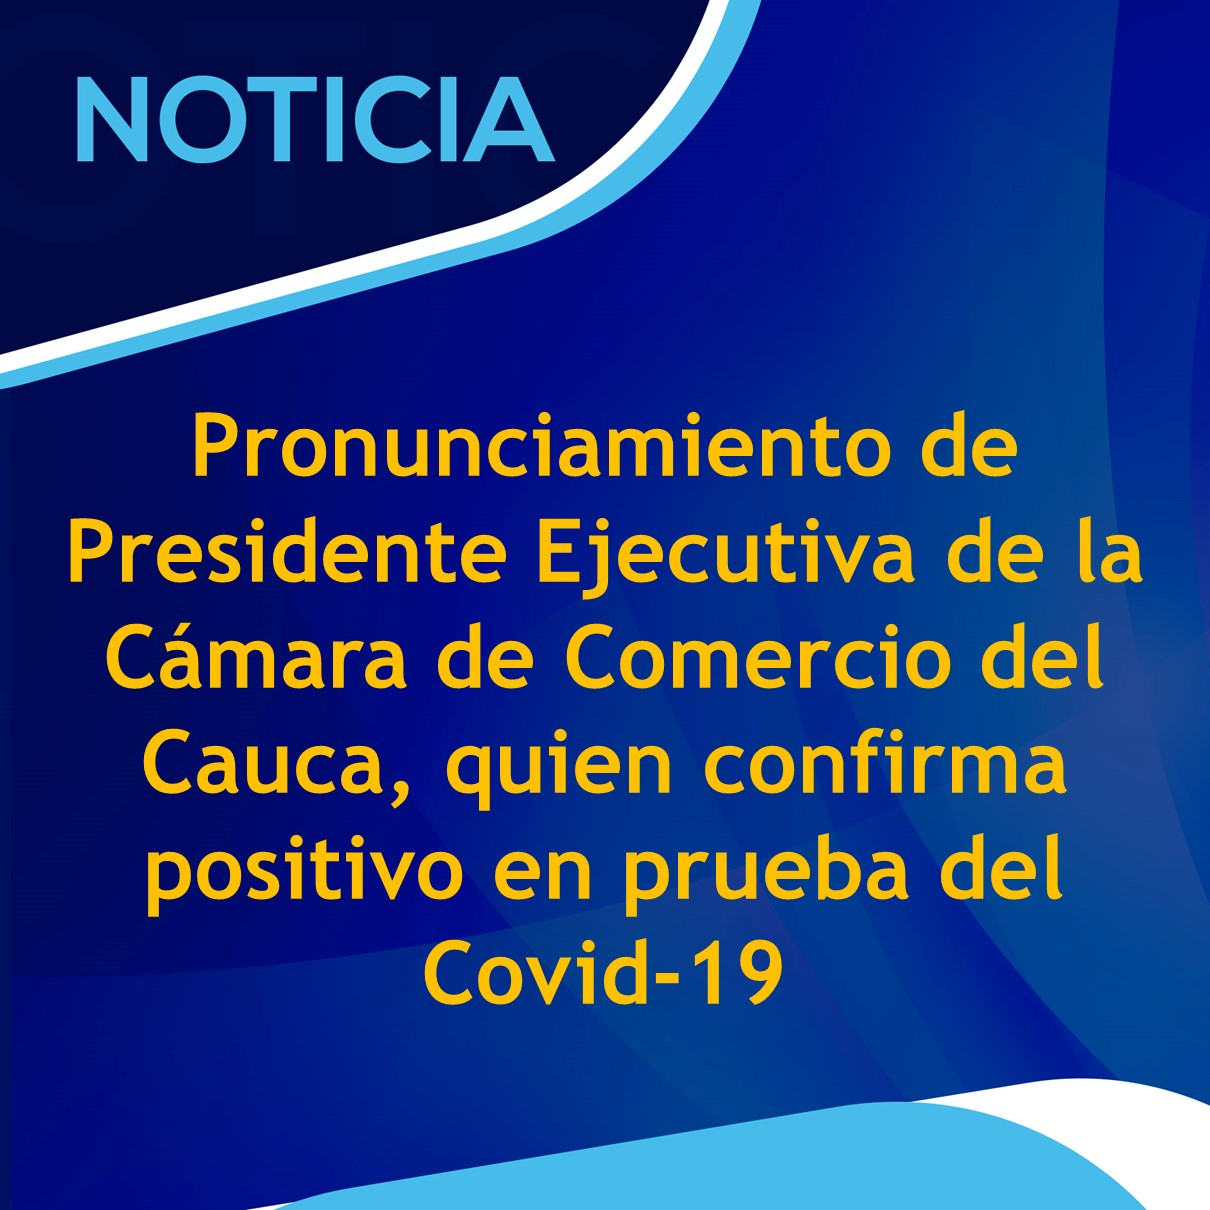 Pronunciamiento de Presidente Ejecutiva de la Cámara de Comercio del Cauca, quien confirma positivo en prueba del Covid-19